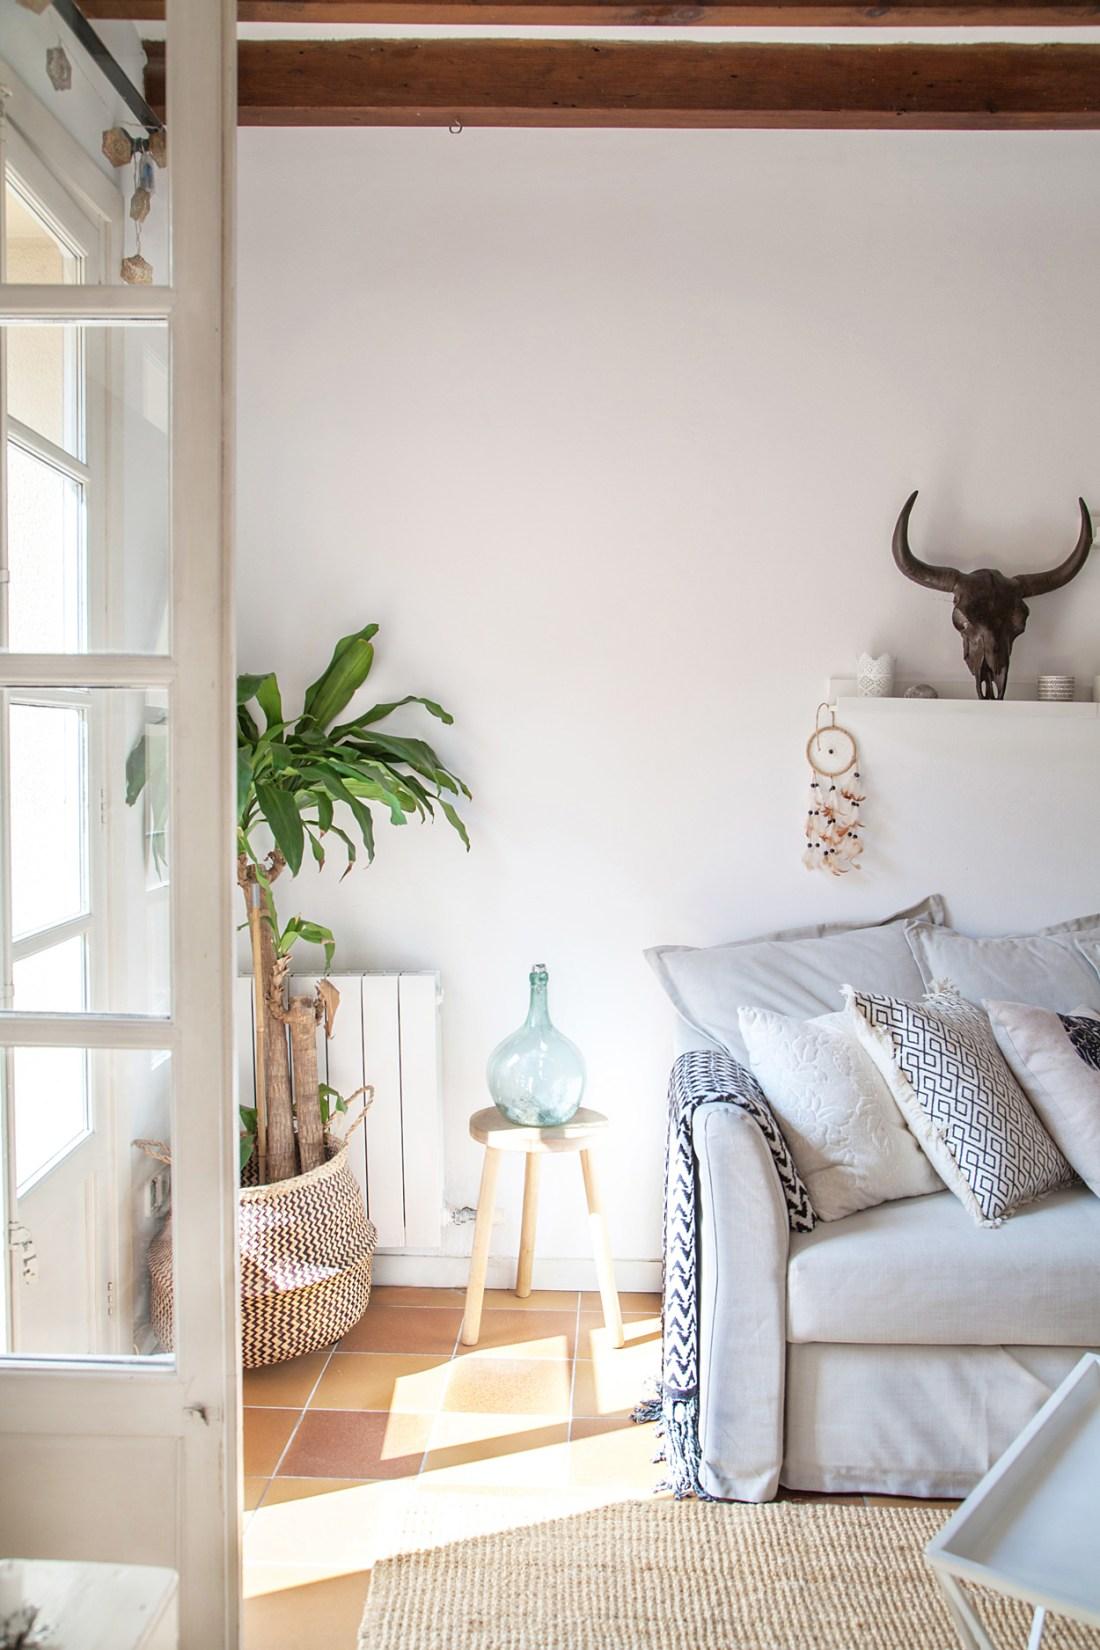 scandiboho apartment in Mallorca 05